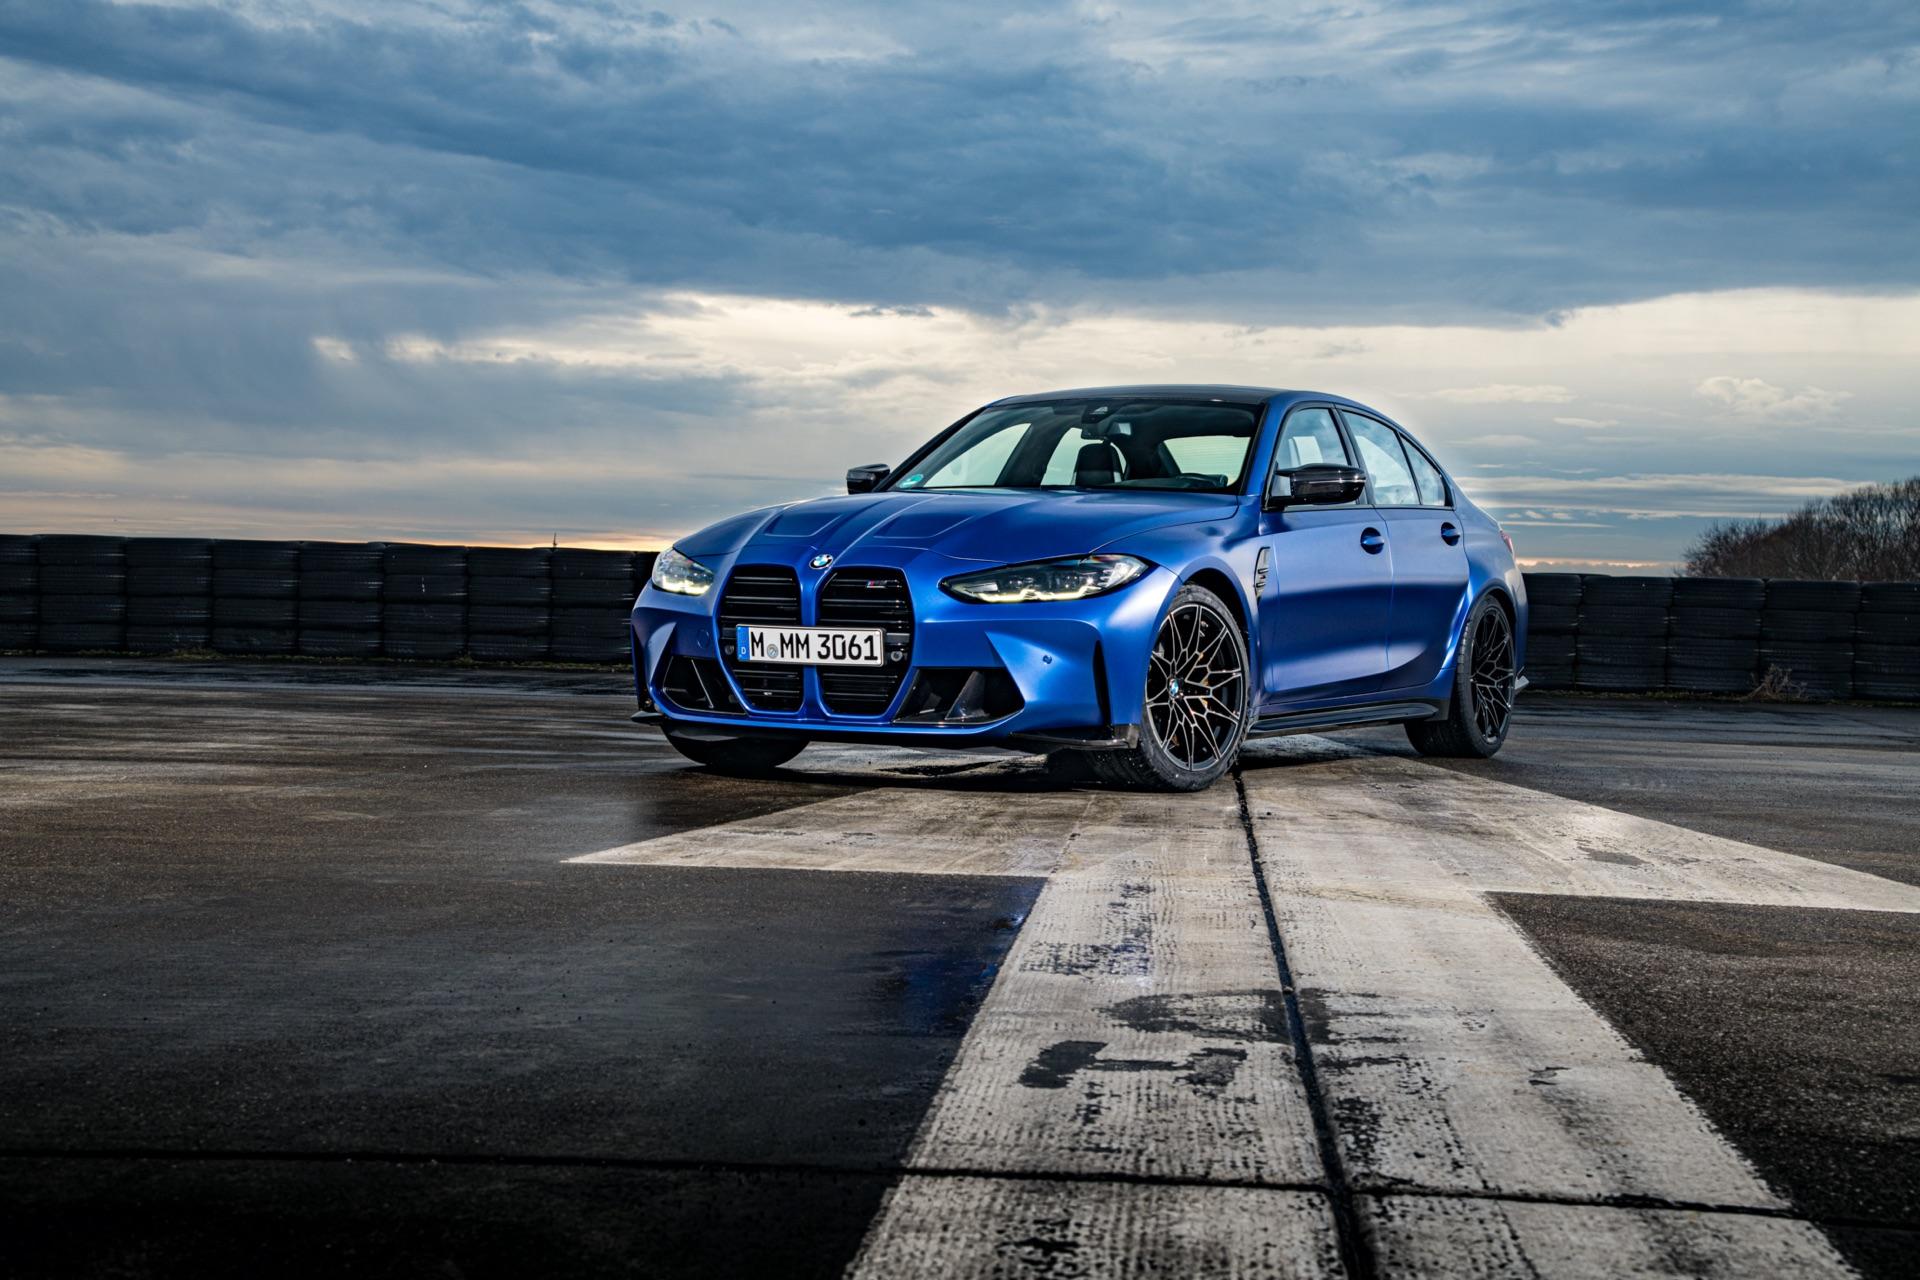 Portimao Blue BMW G80 M3 review